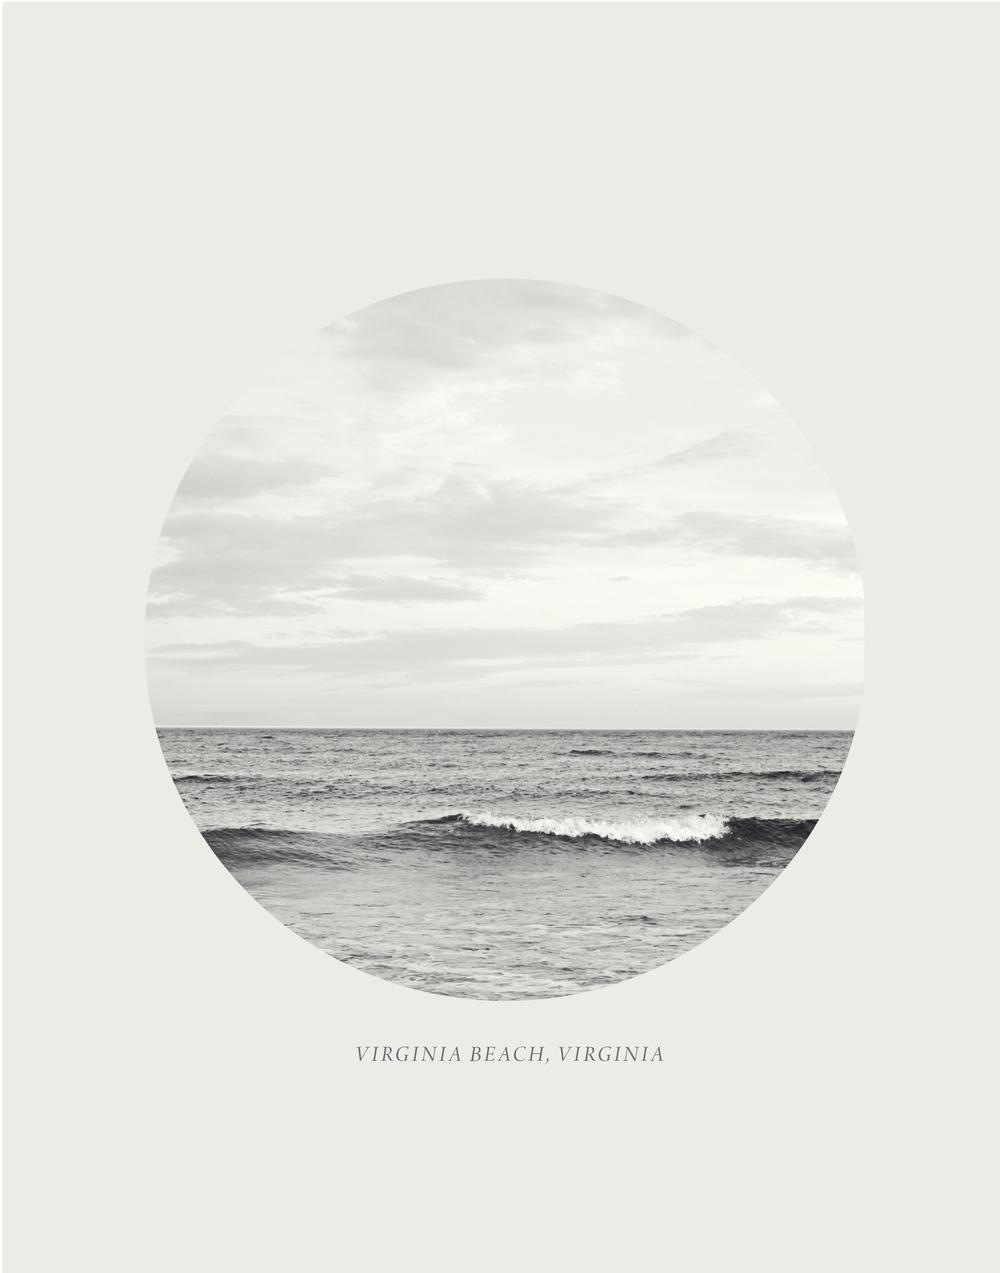 virginia beach print